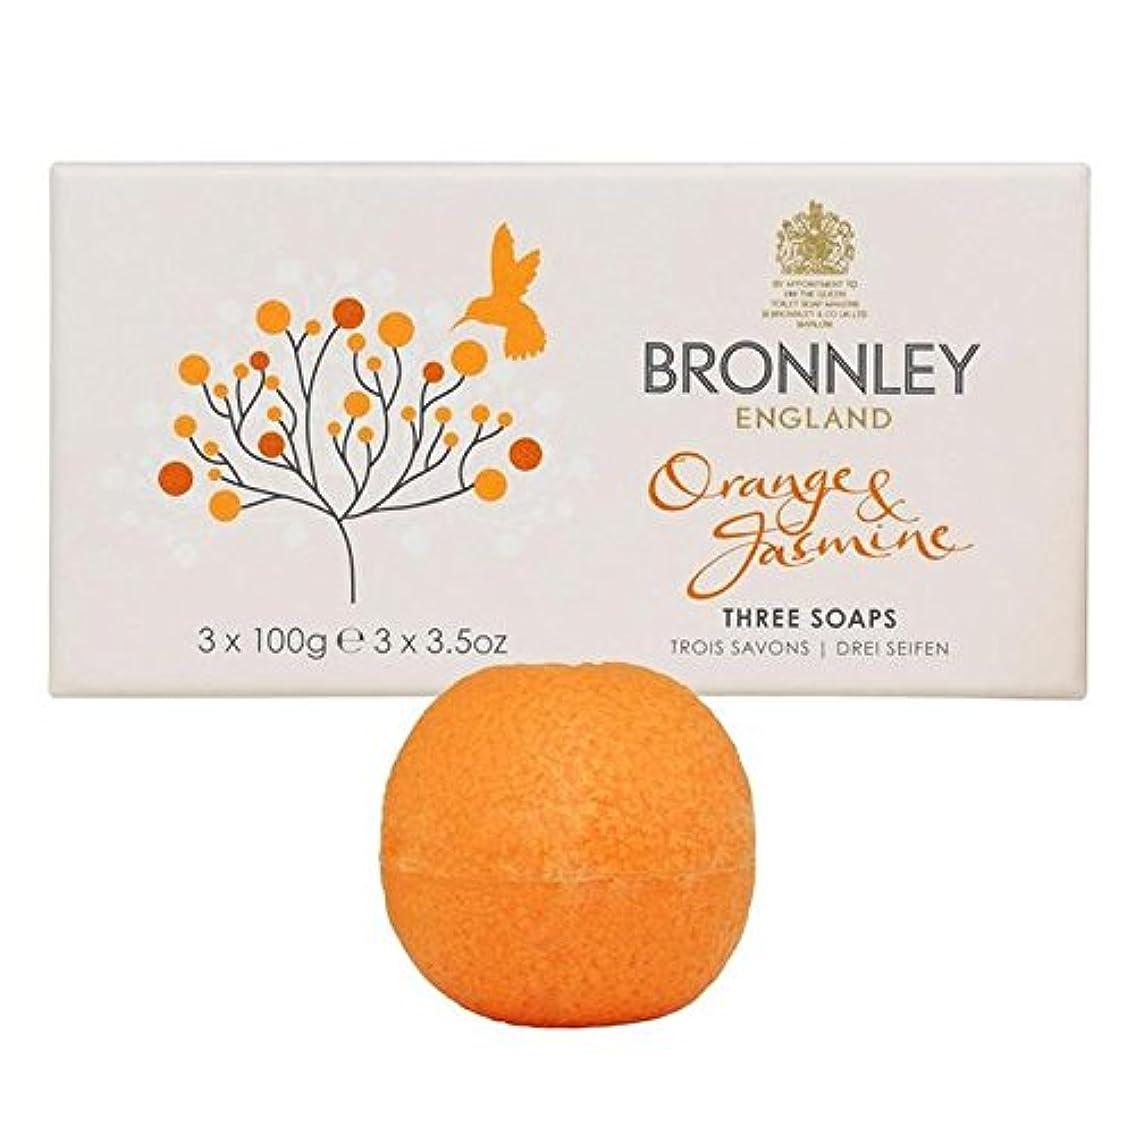 億策定する首相オレンジ&ジャスミン石鹸3×100グラム x4 - Bronnley Orange & Jasmine Soaps 3 x 100g (Pack of 4) [並行輸入品]